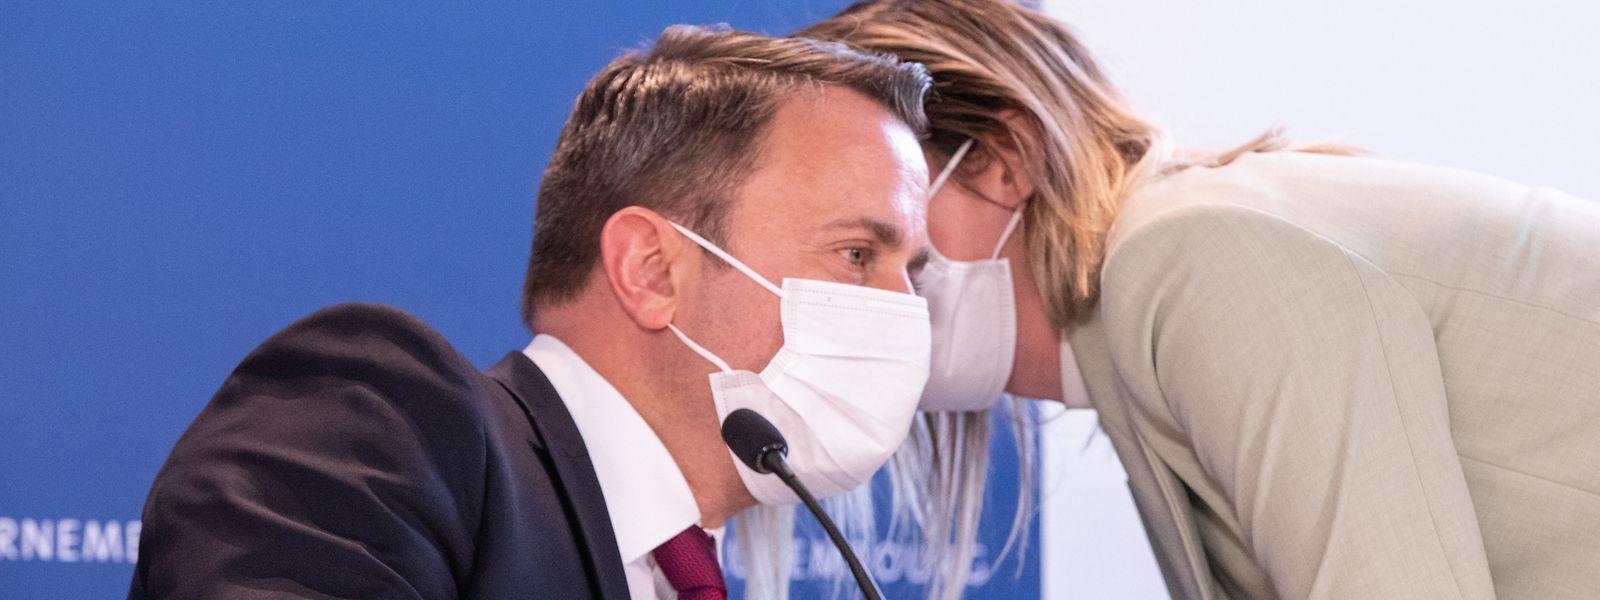 Xavier Bettel (48 ans) devrait ressortir de l'hôpital dès lundi, si son état de santé et les analyses pratiquées l'y autorisent.